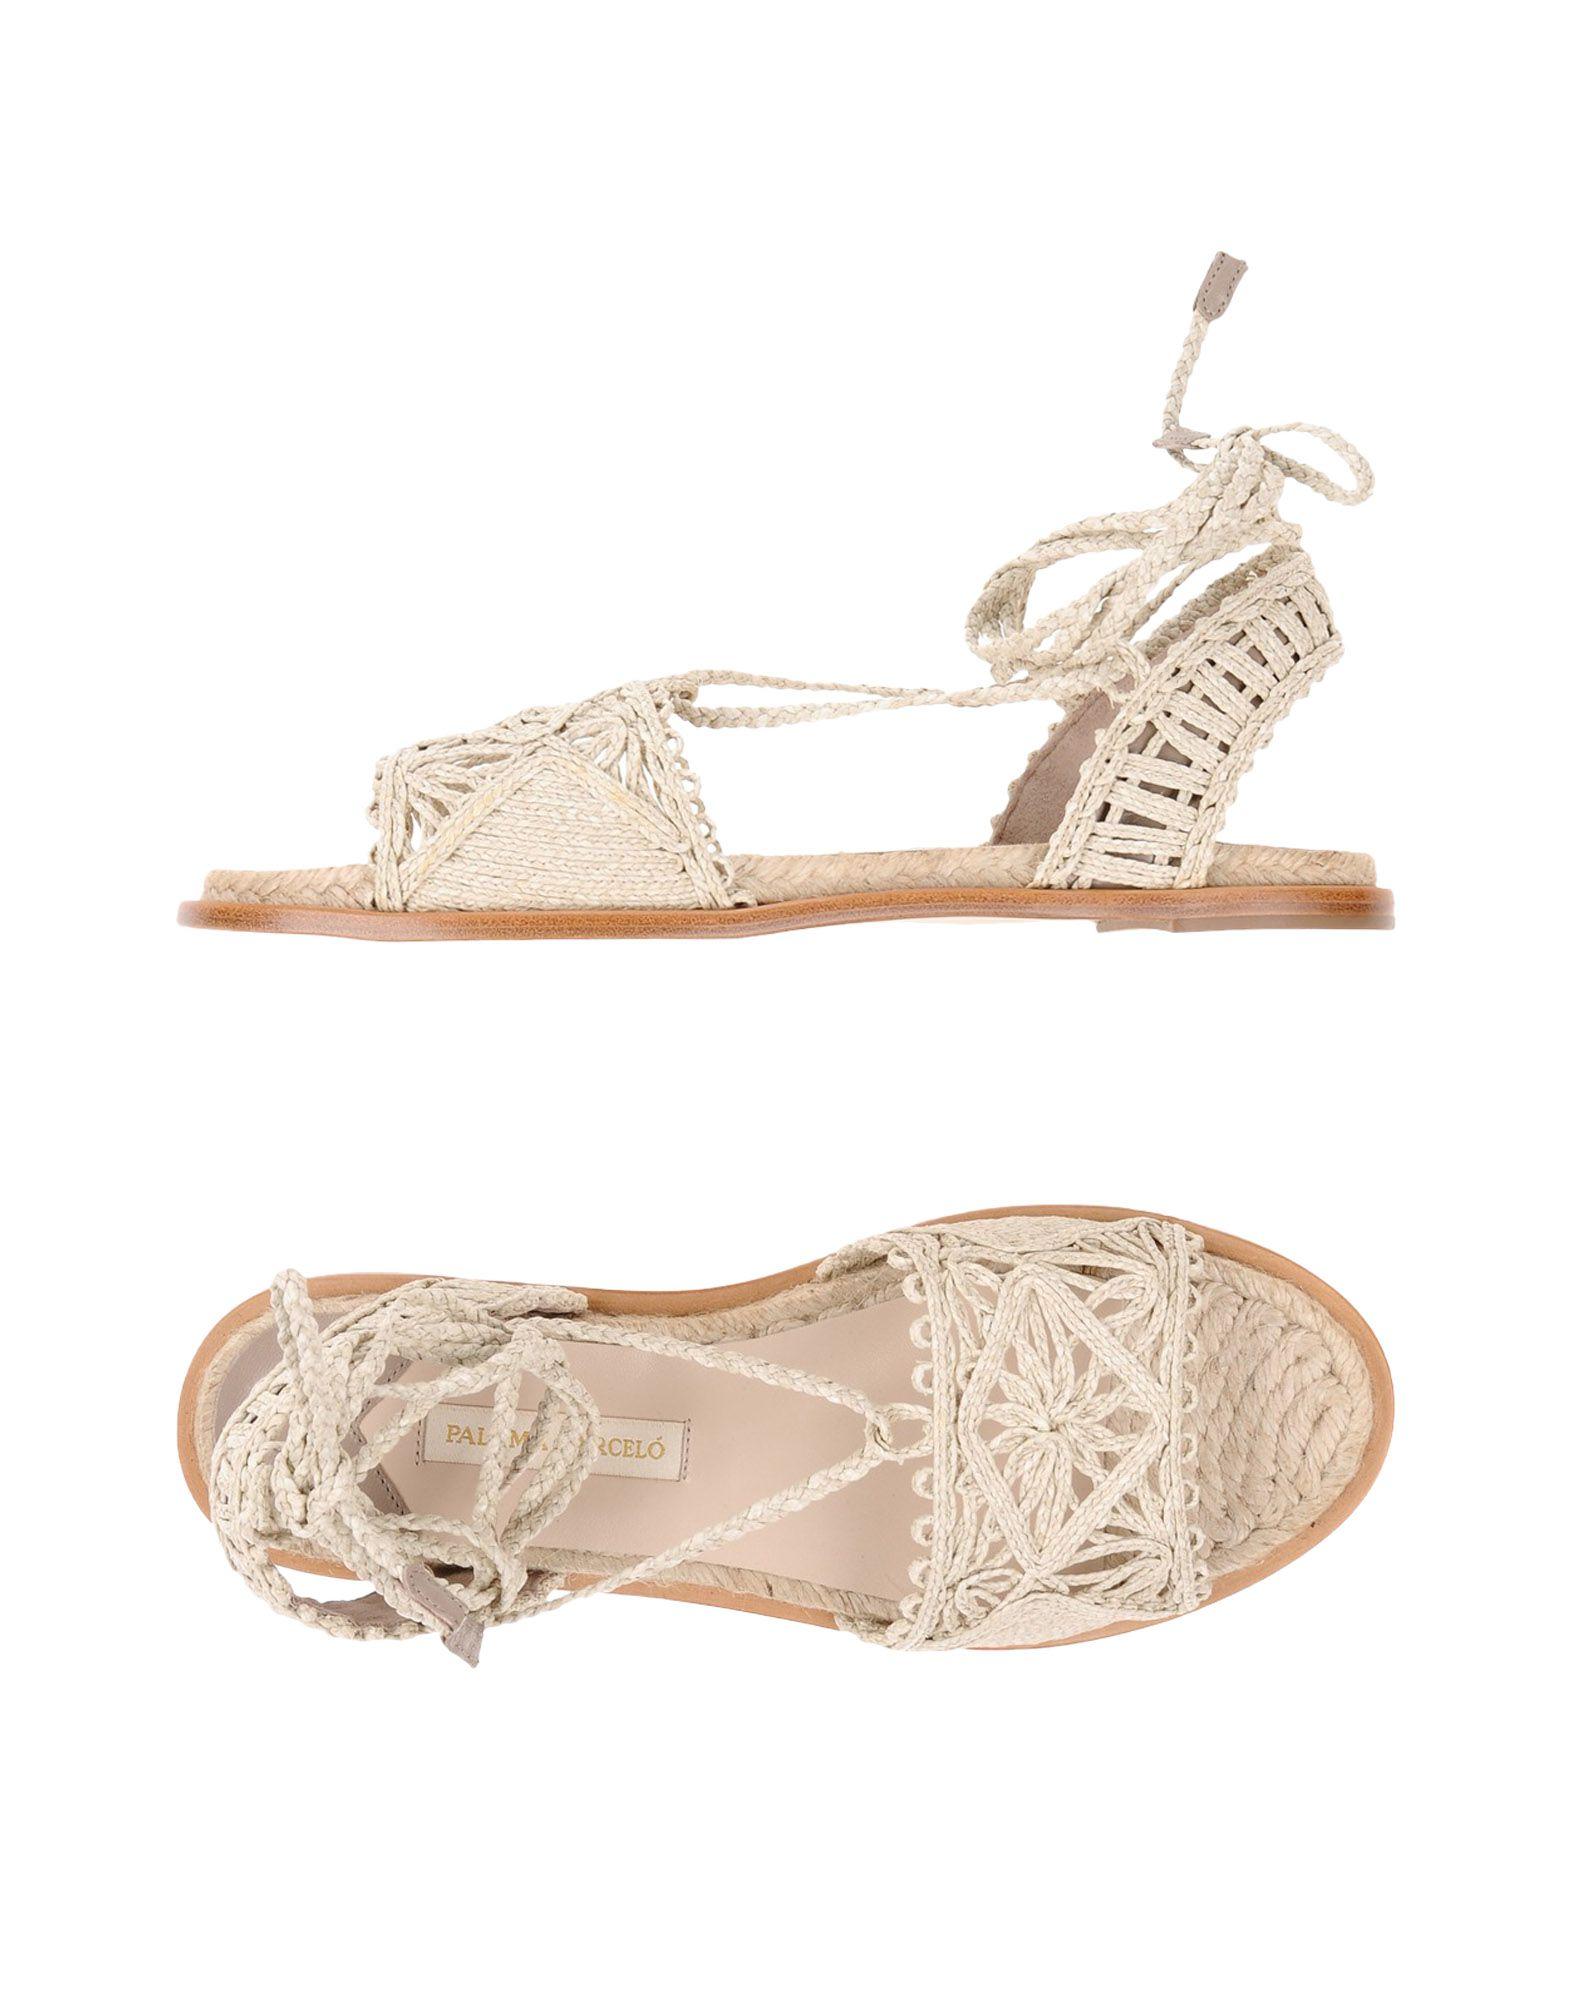 Paloma Barceló Sandalen Damen  11333264AW Gute Qualität beliebte Schuhe